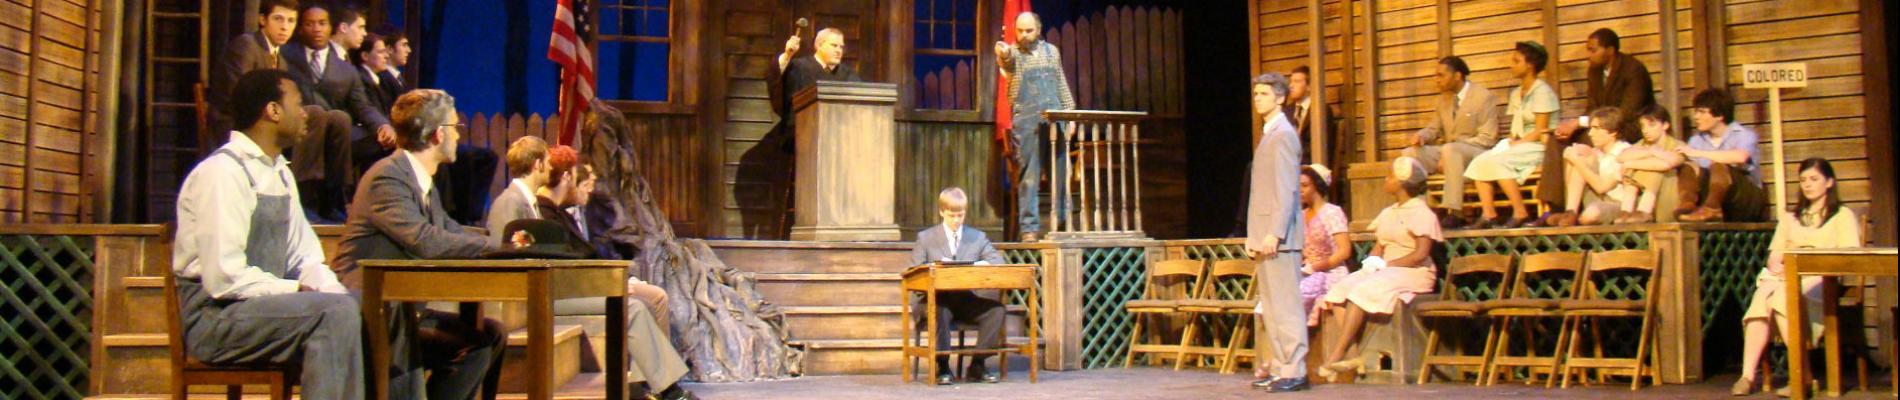 Stratford Festival - To Kill a Mockingbird